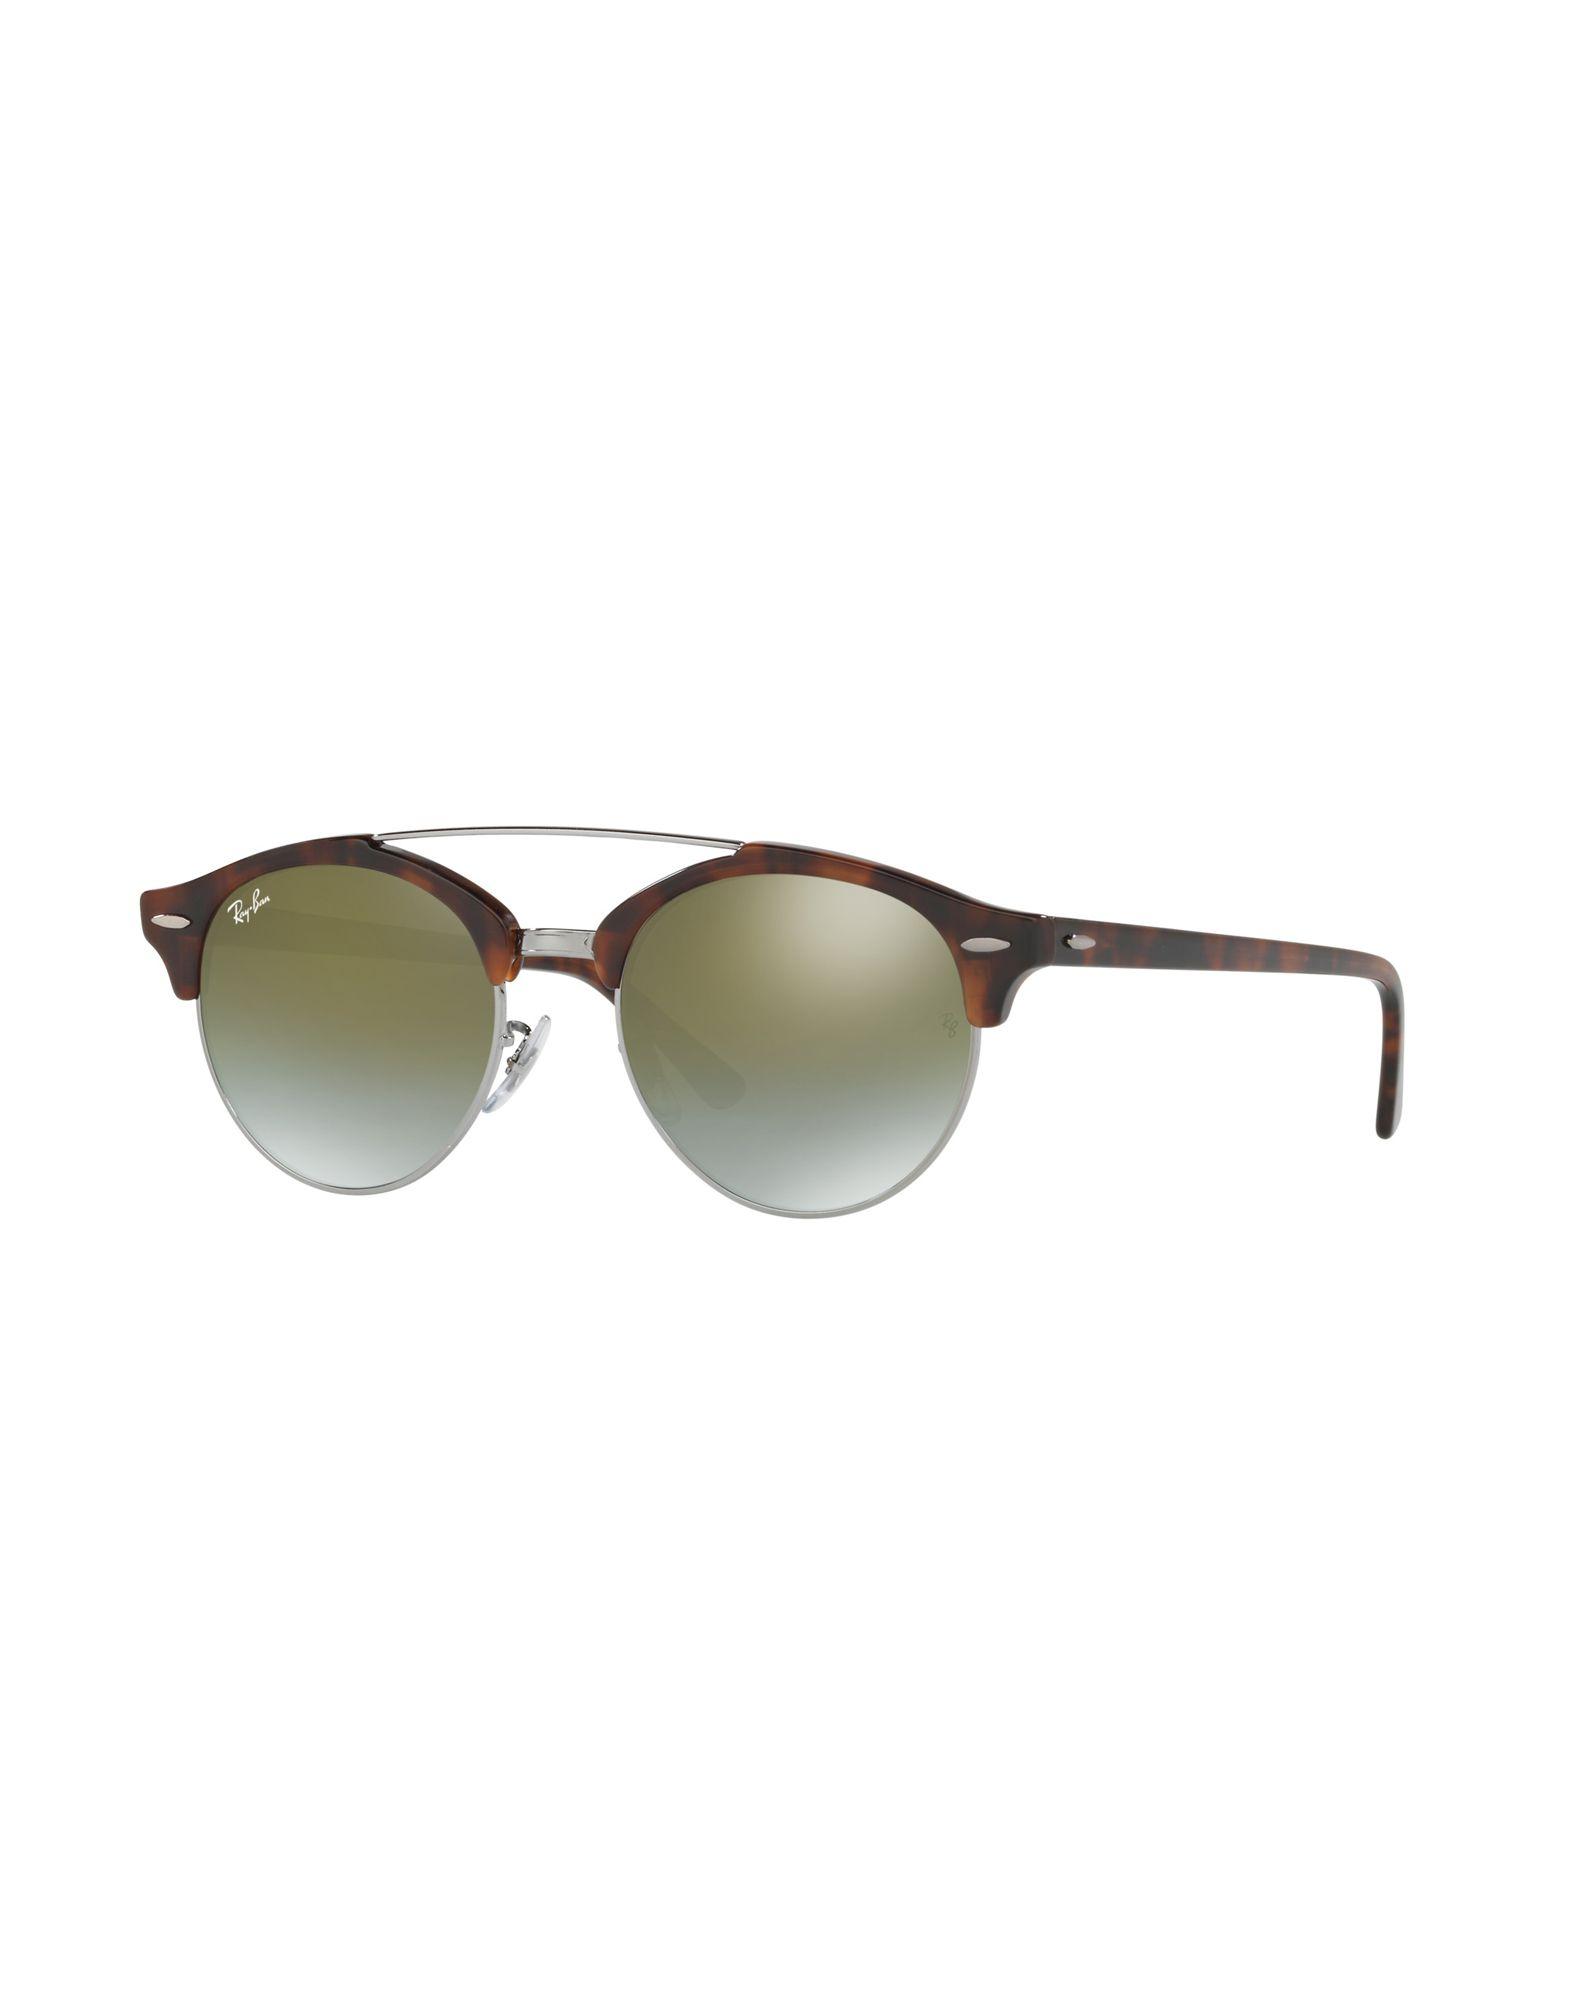 Occhiali Da Sole Ray-Ban Rb4346 - Uomo - Acquista online su